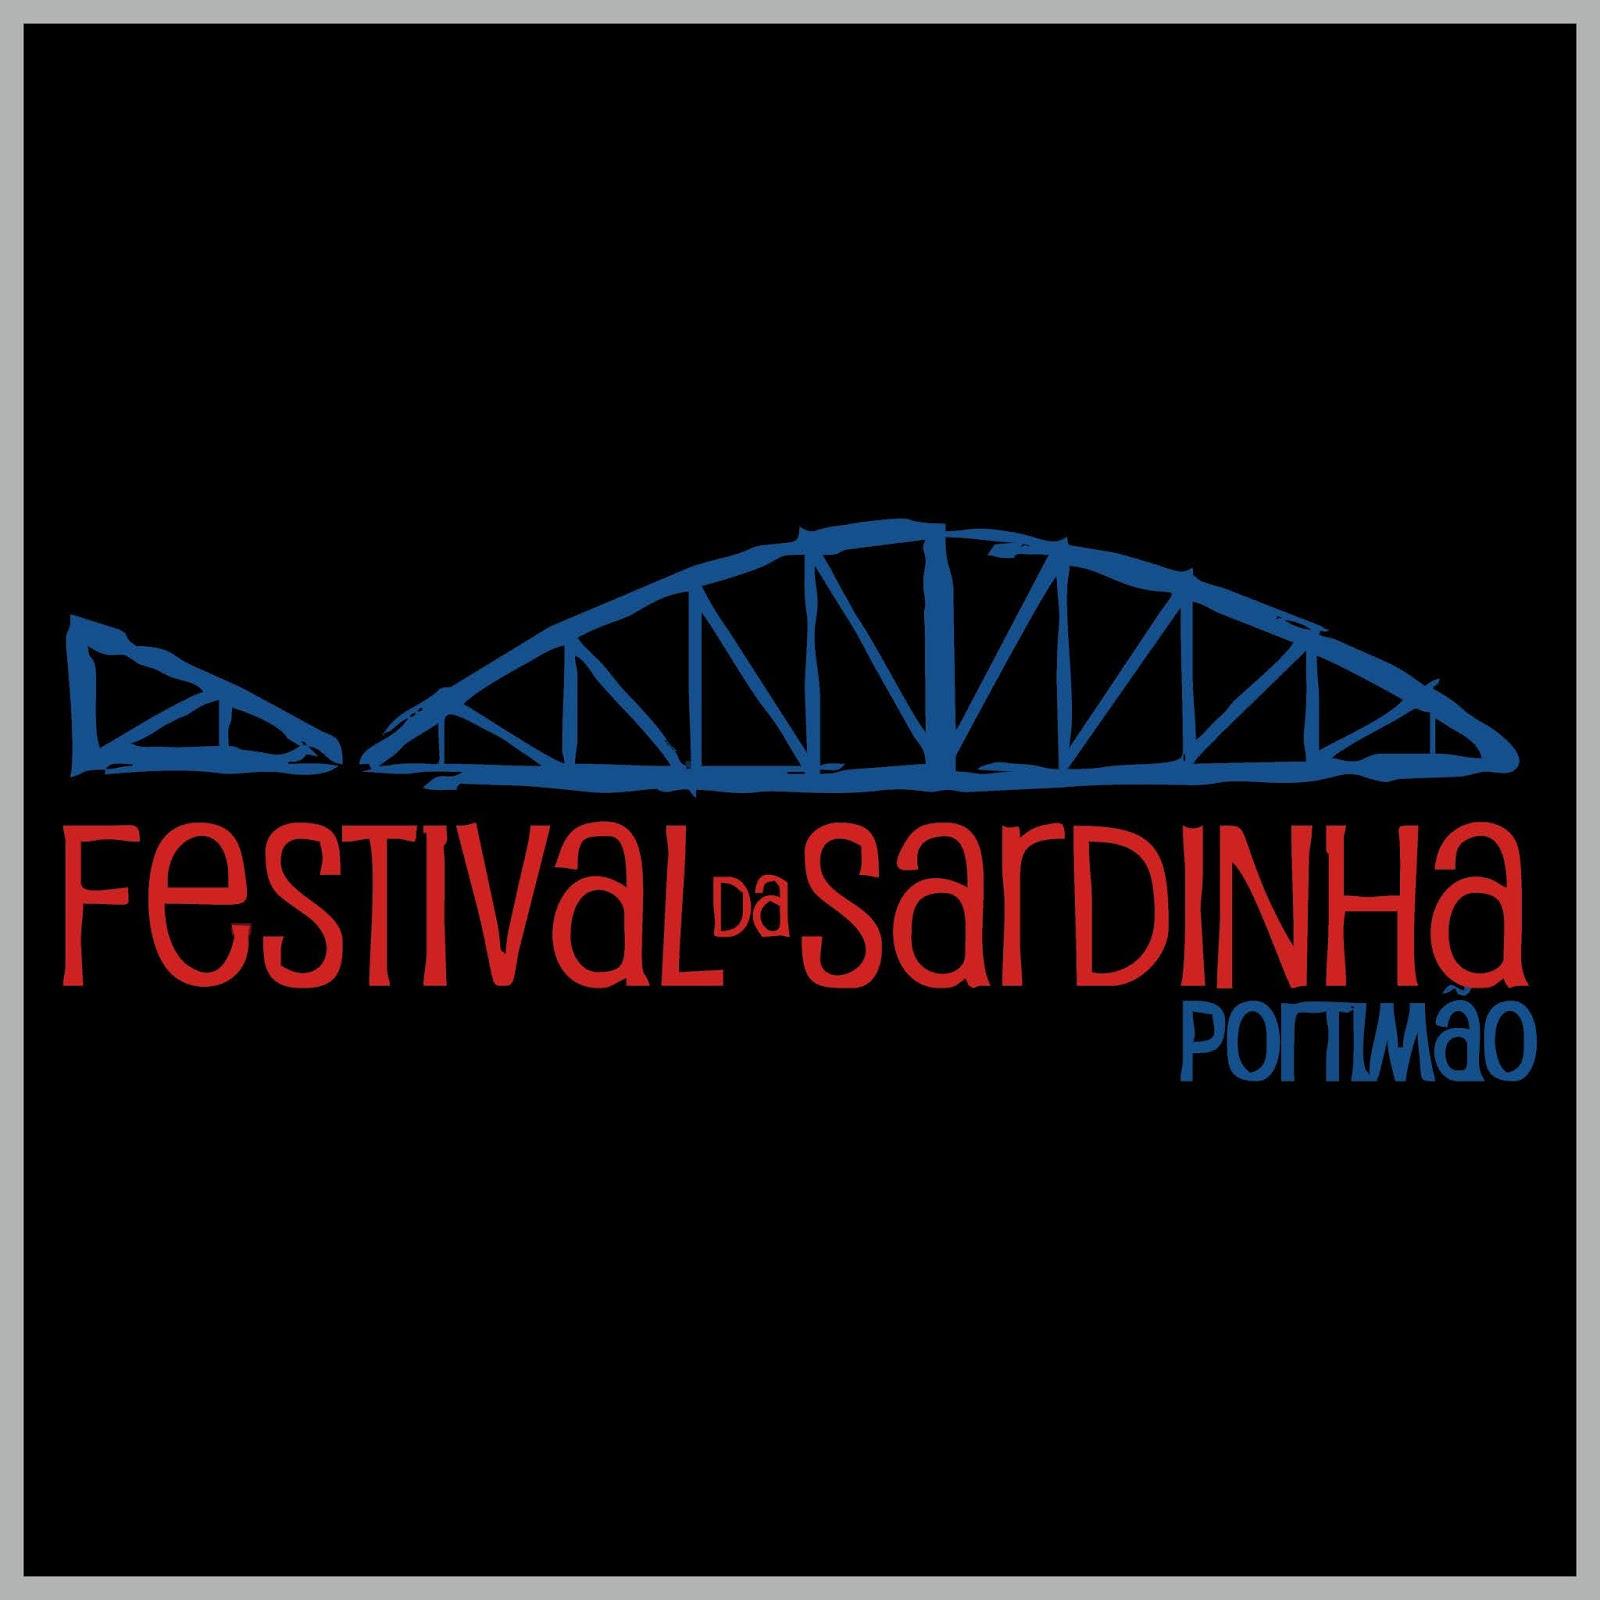 Festival da Sardinha 2020